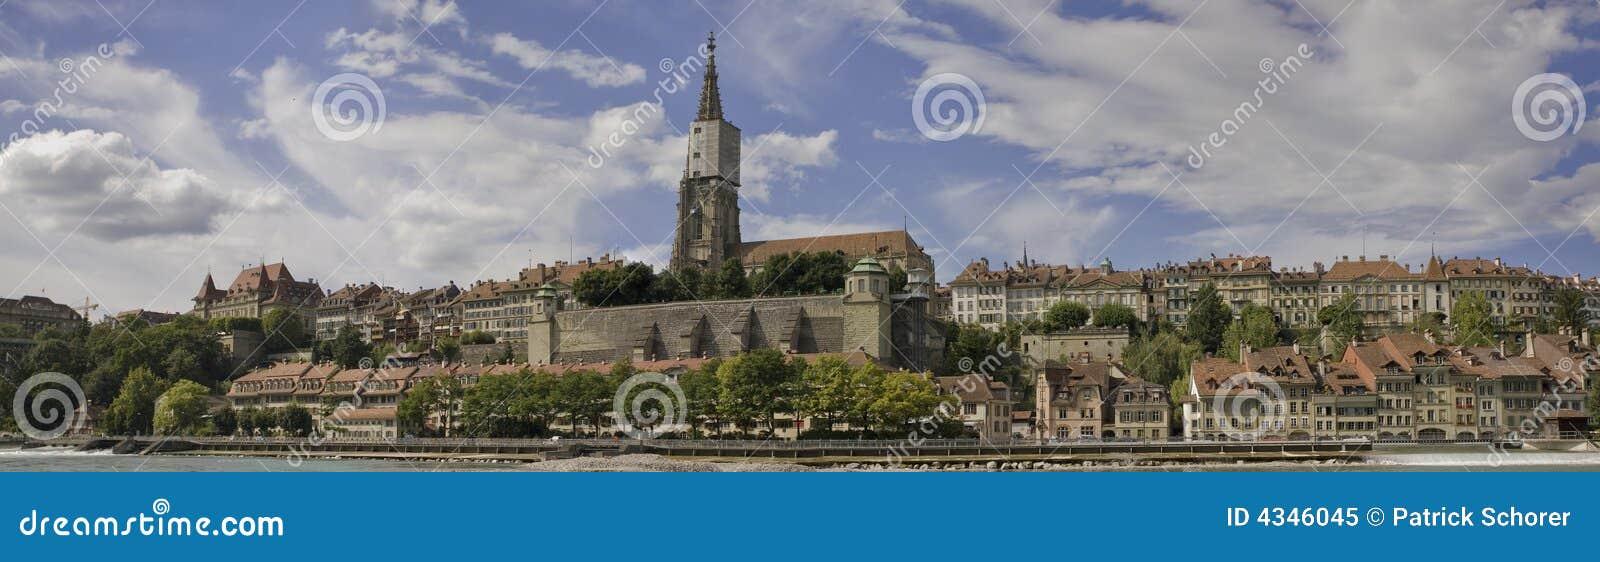 Église de Berne